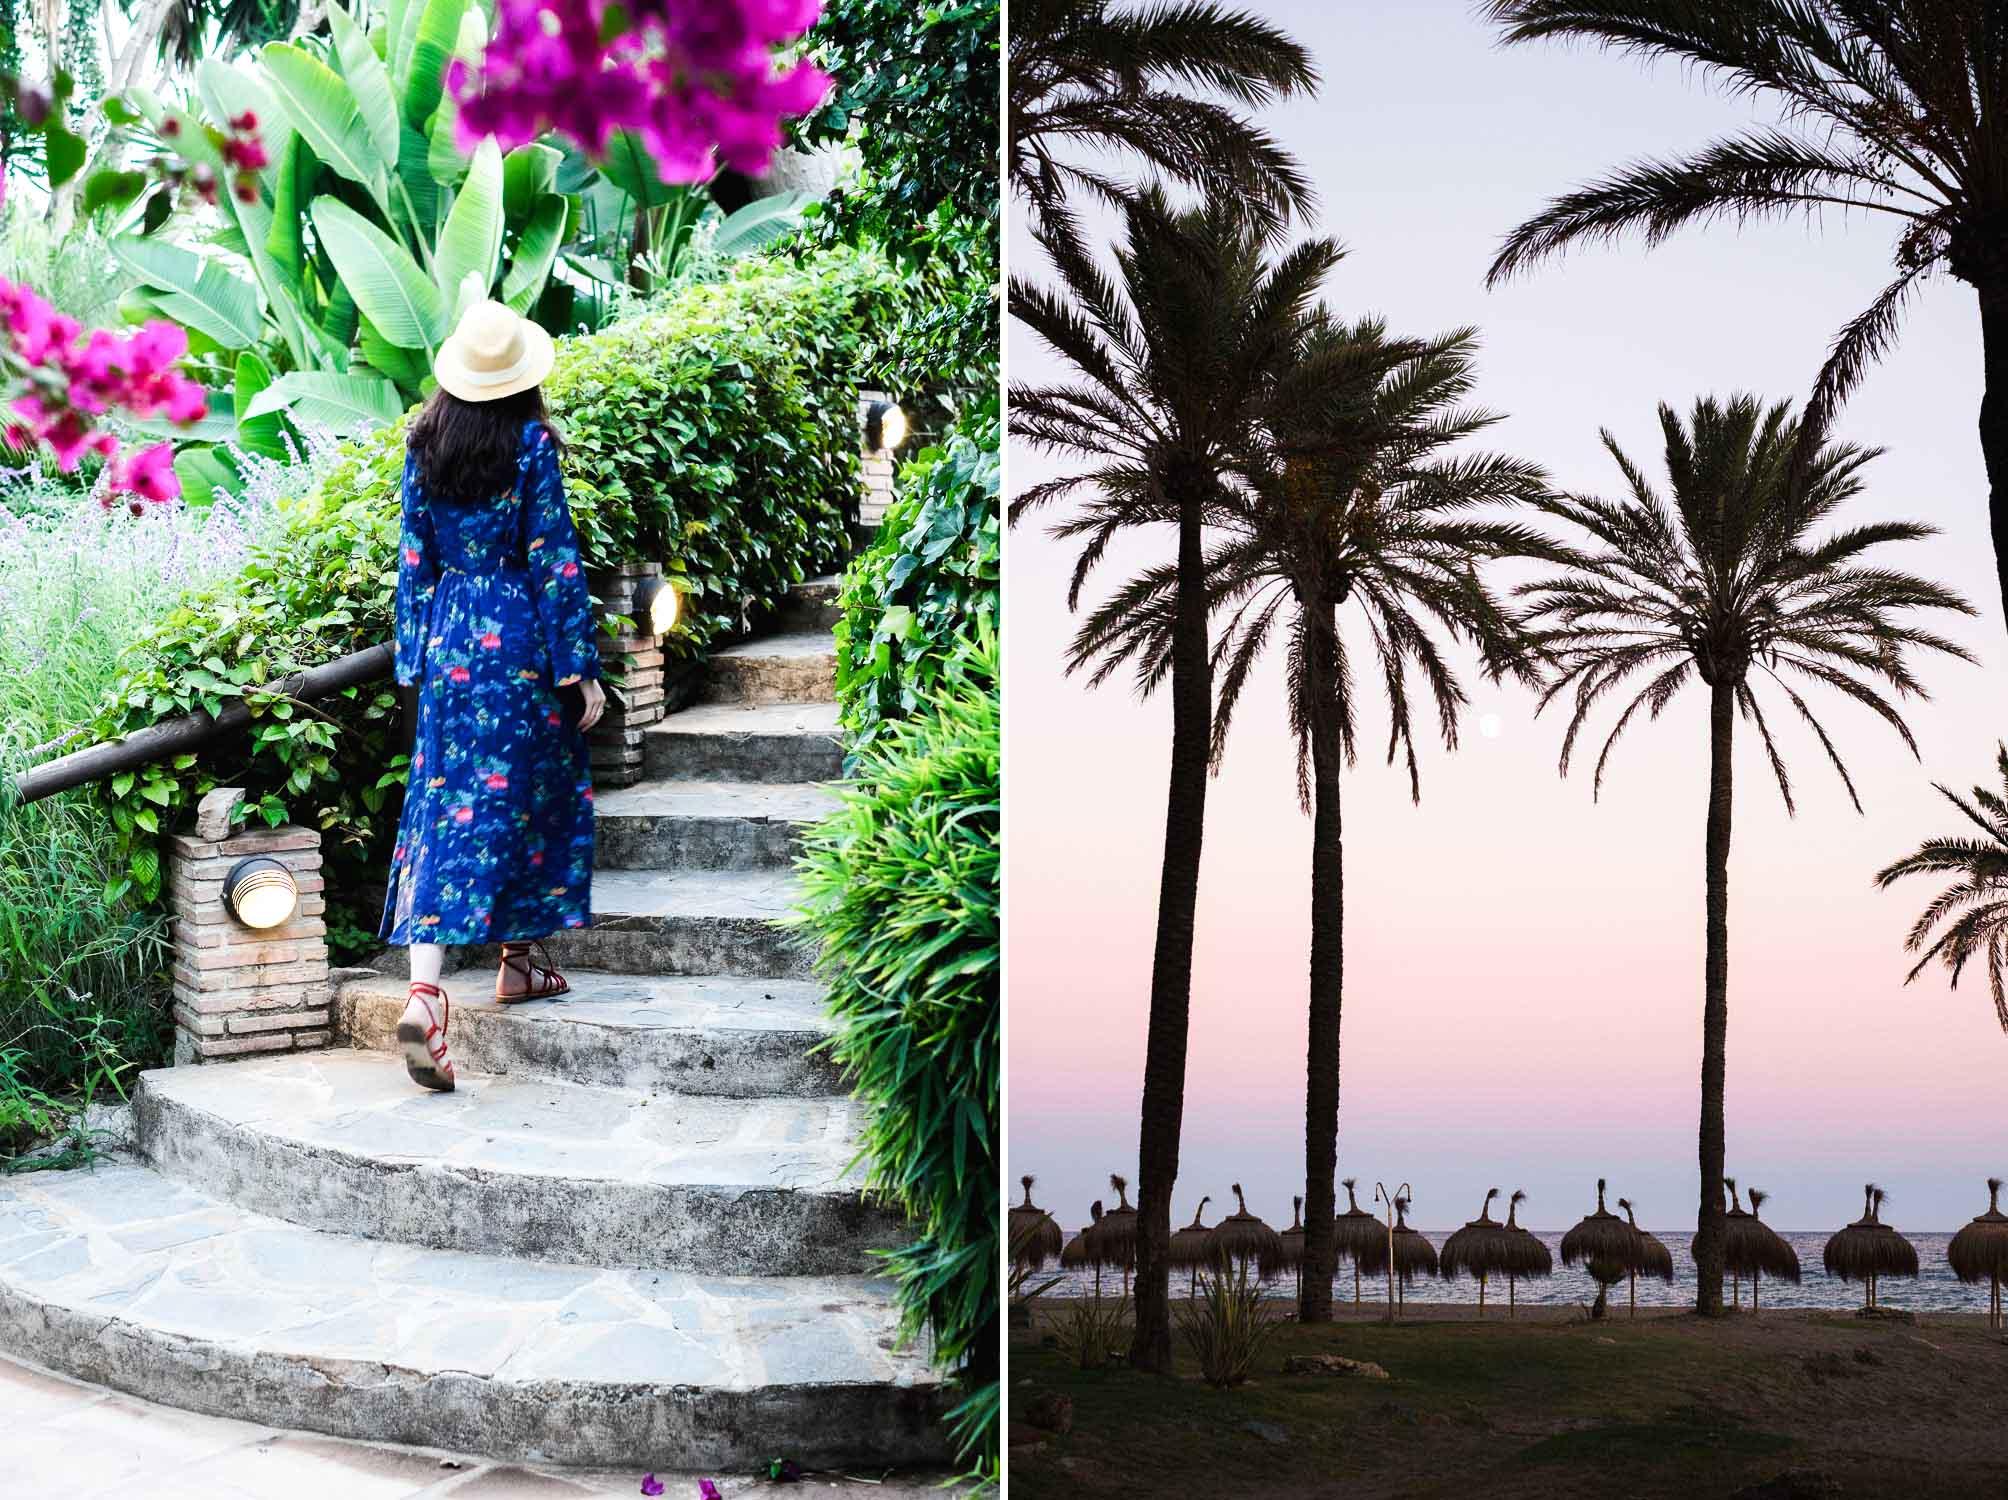 Puente Romano Beach Resort in Marbella, Spain